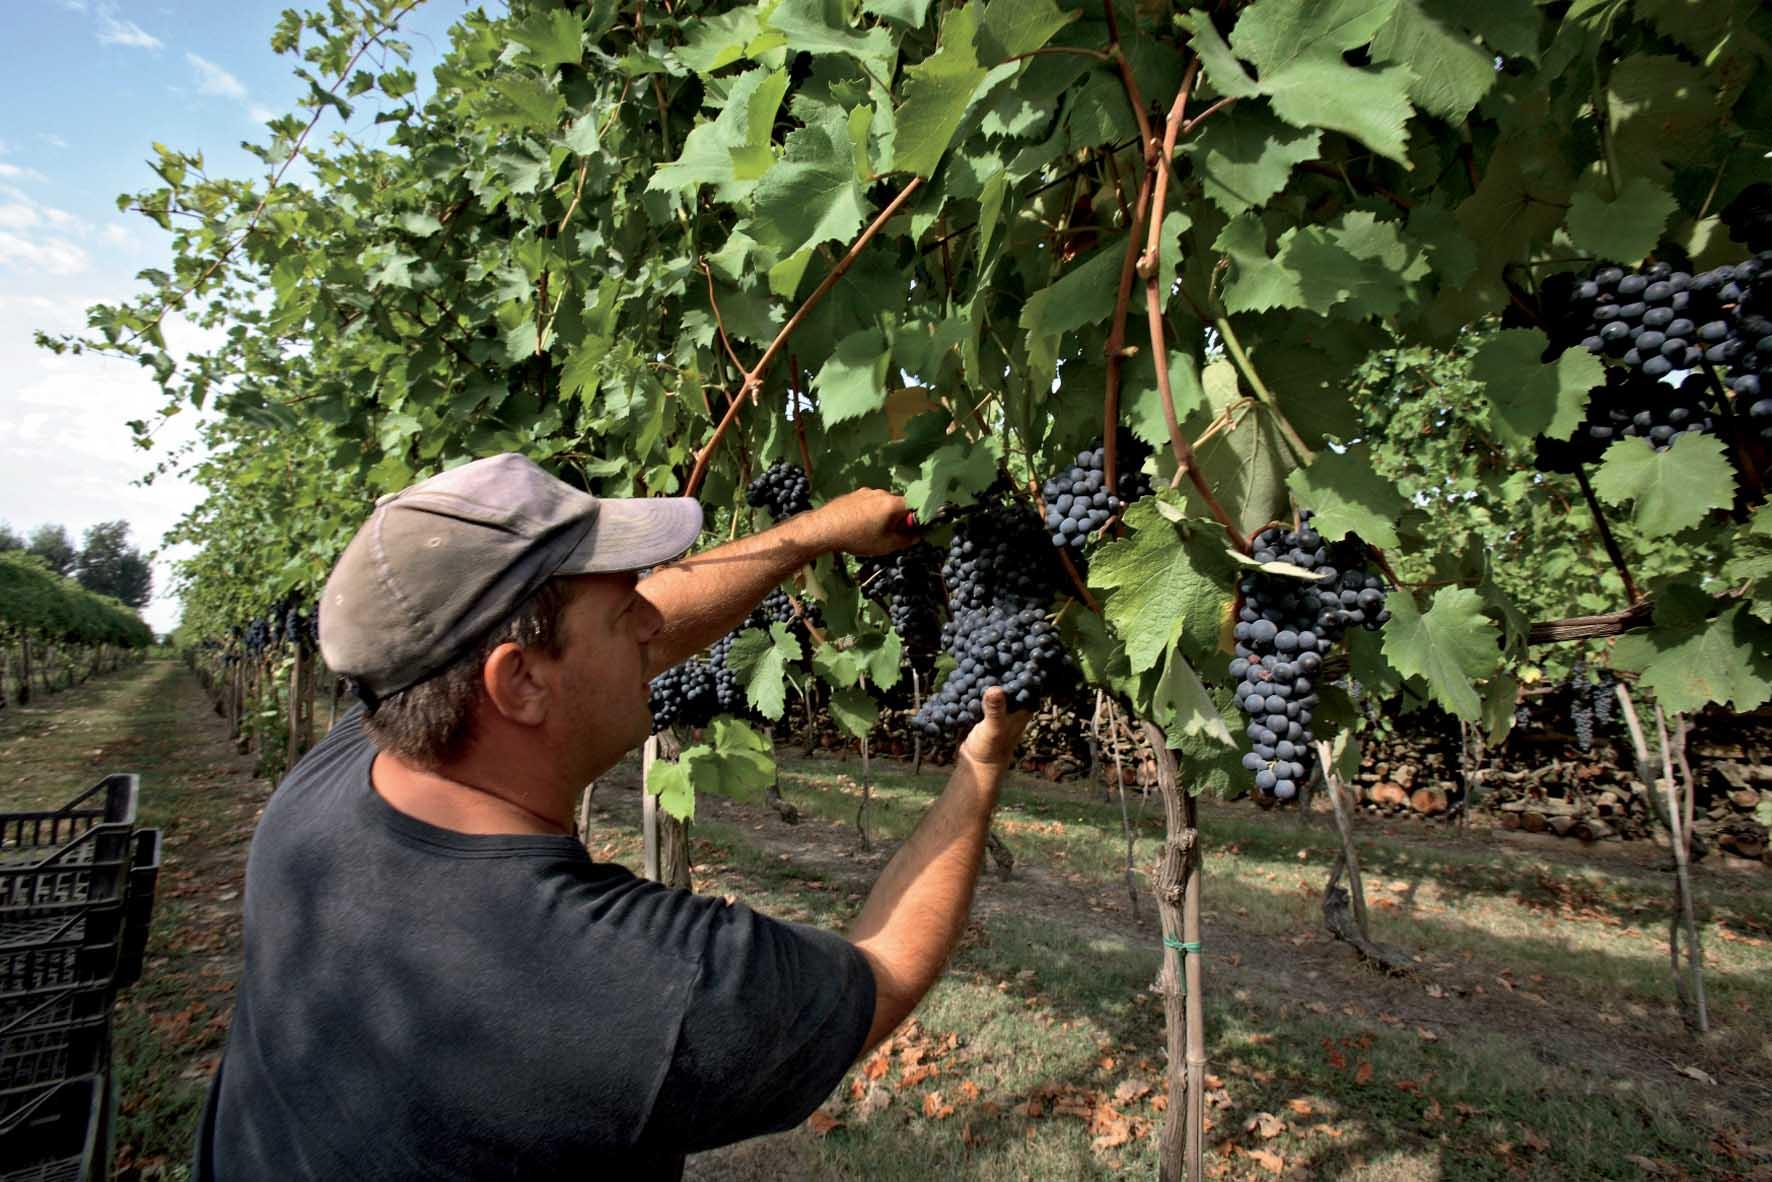 Enoteca Emilia Romagna vendemmia vigna uva nera 1